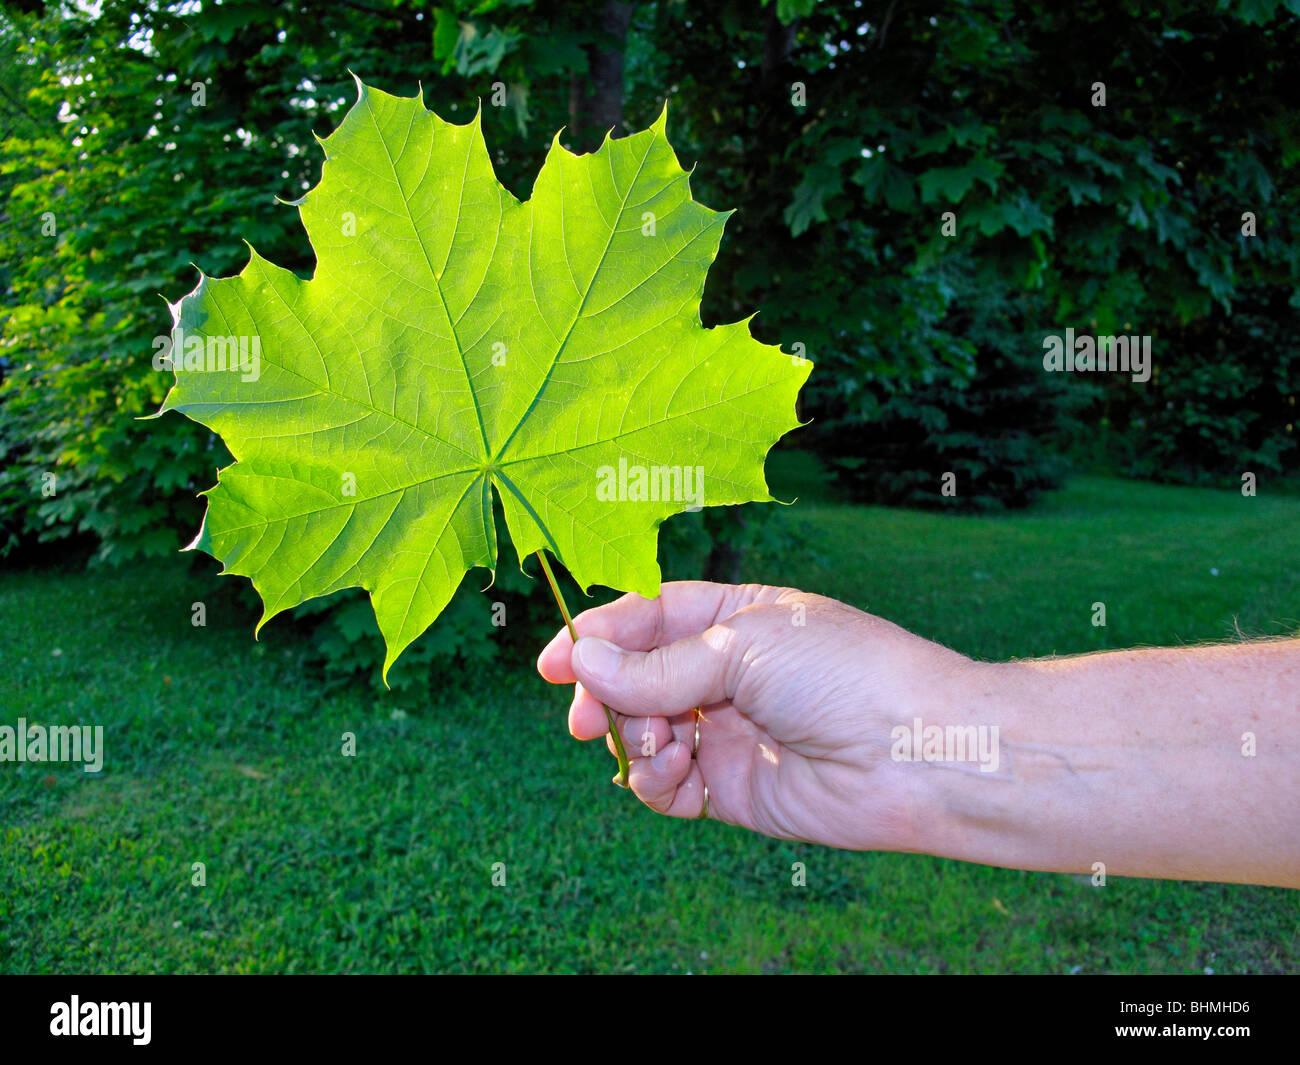 die Hand einer Frau mit einem großen grünen Zucker-Ahornblatt mit Bäumen im Hintergrund Stockbild